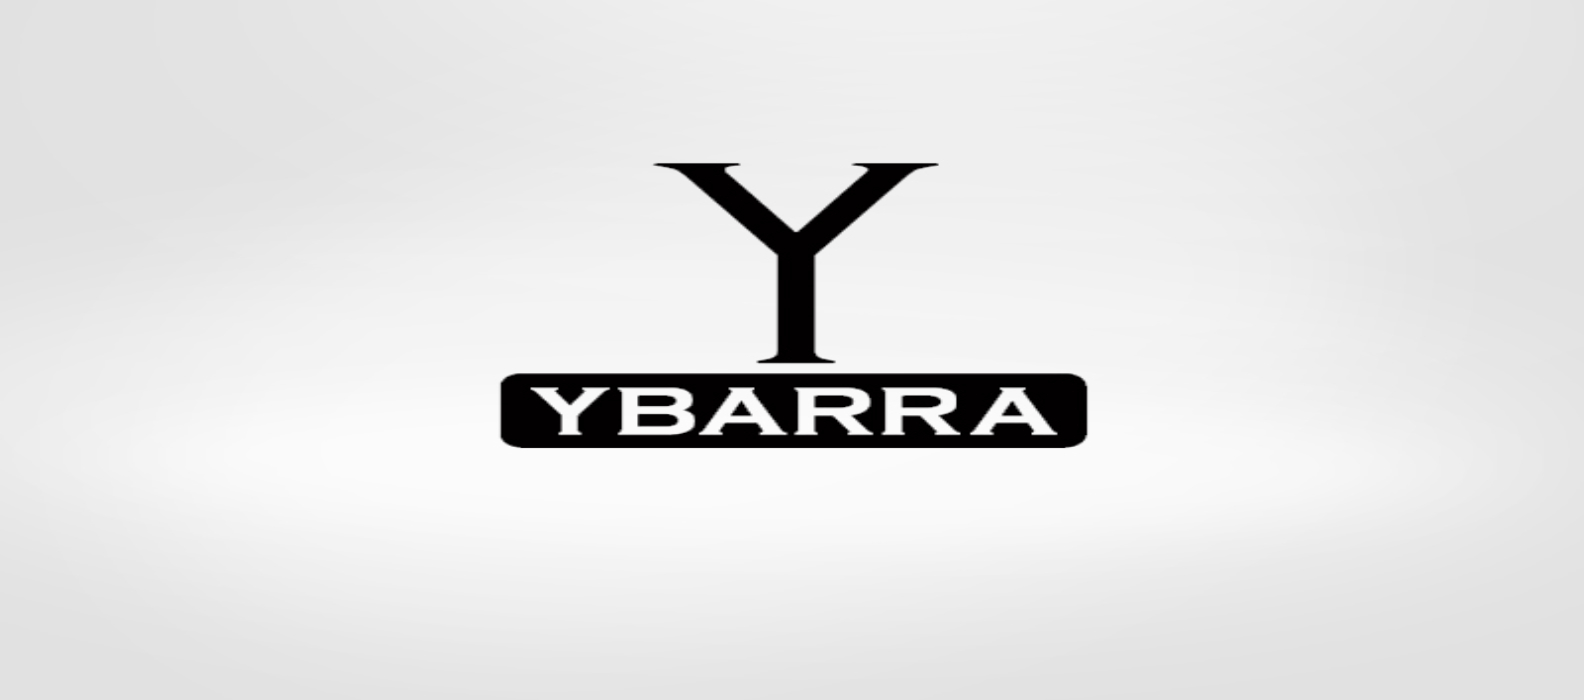 ybarra logotipo